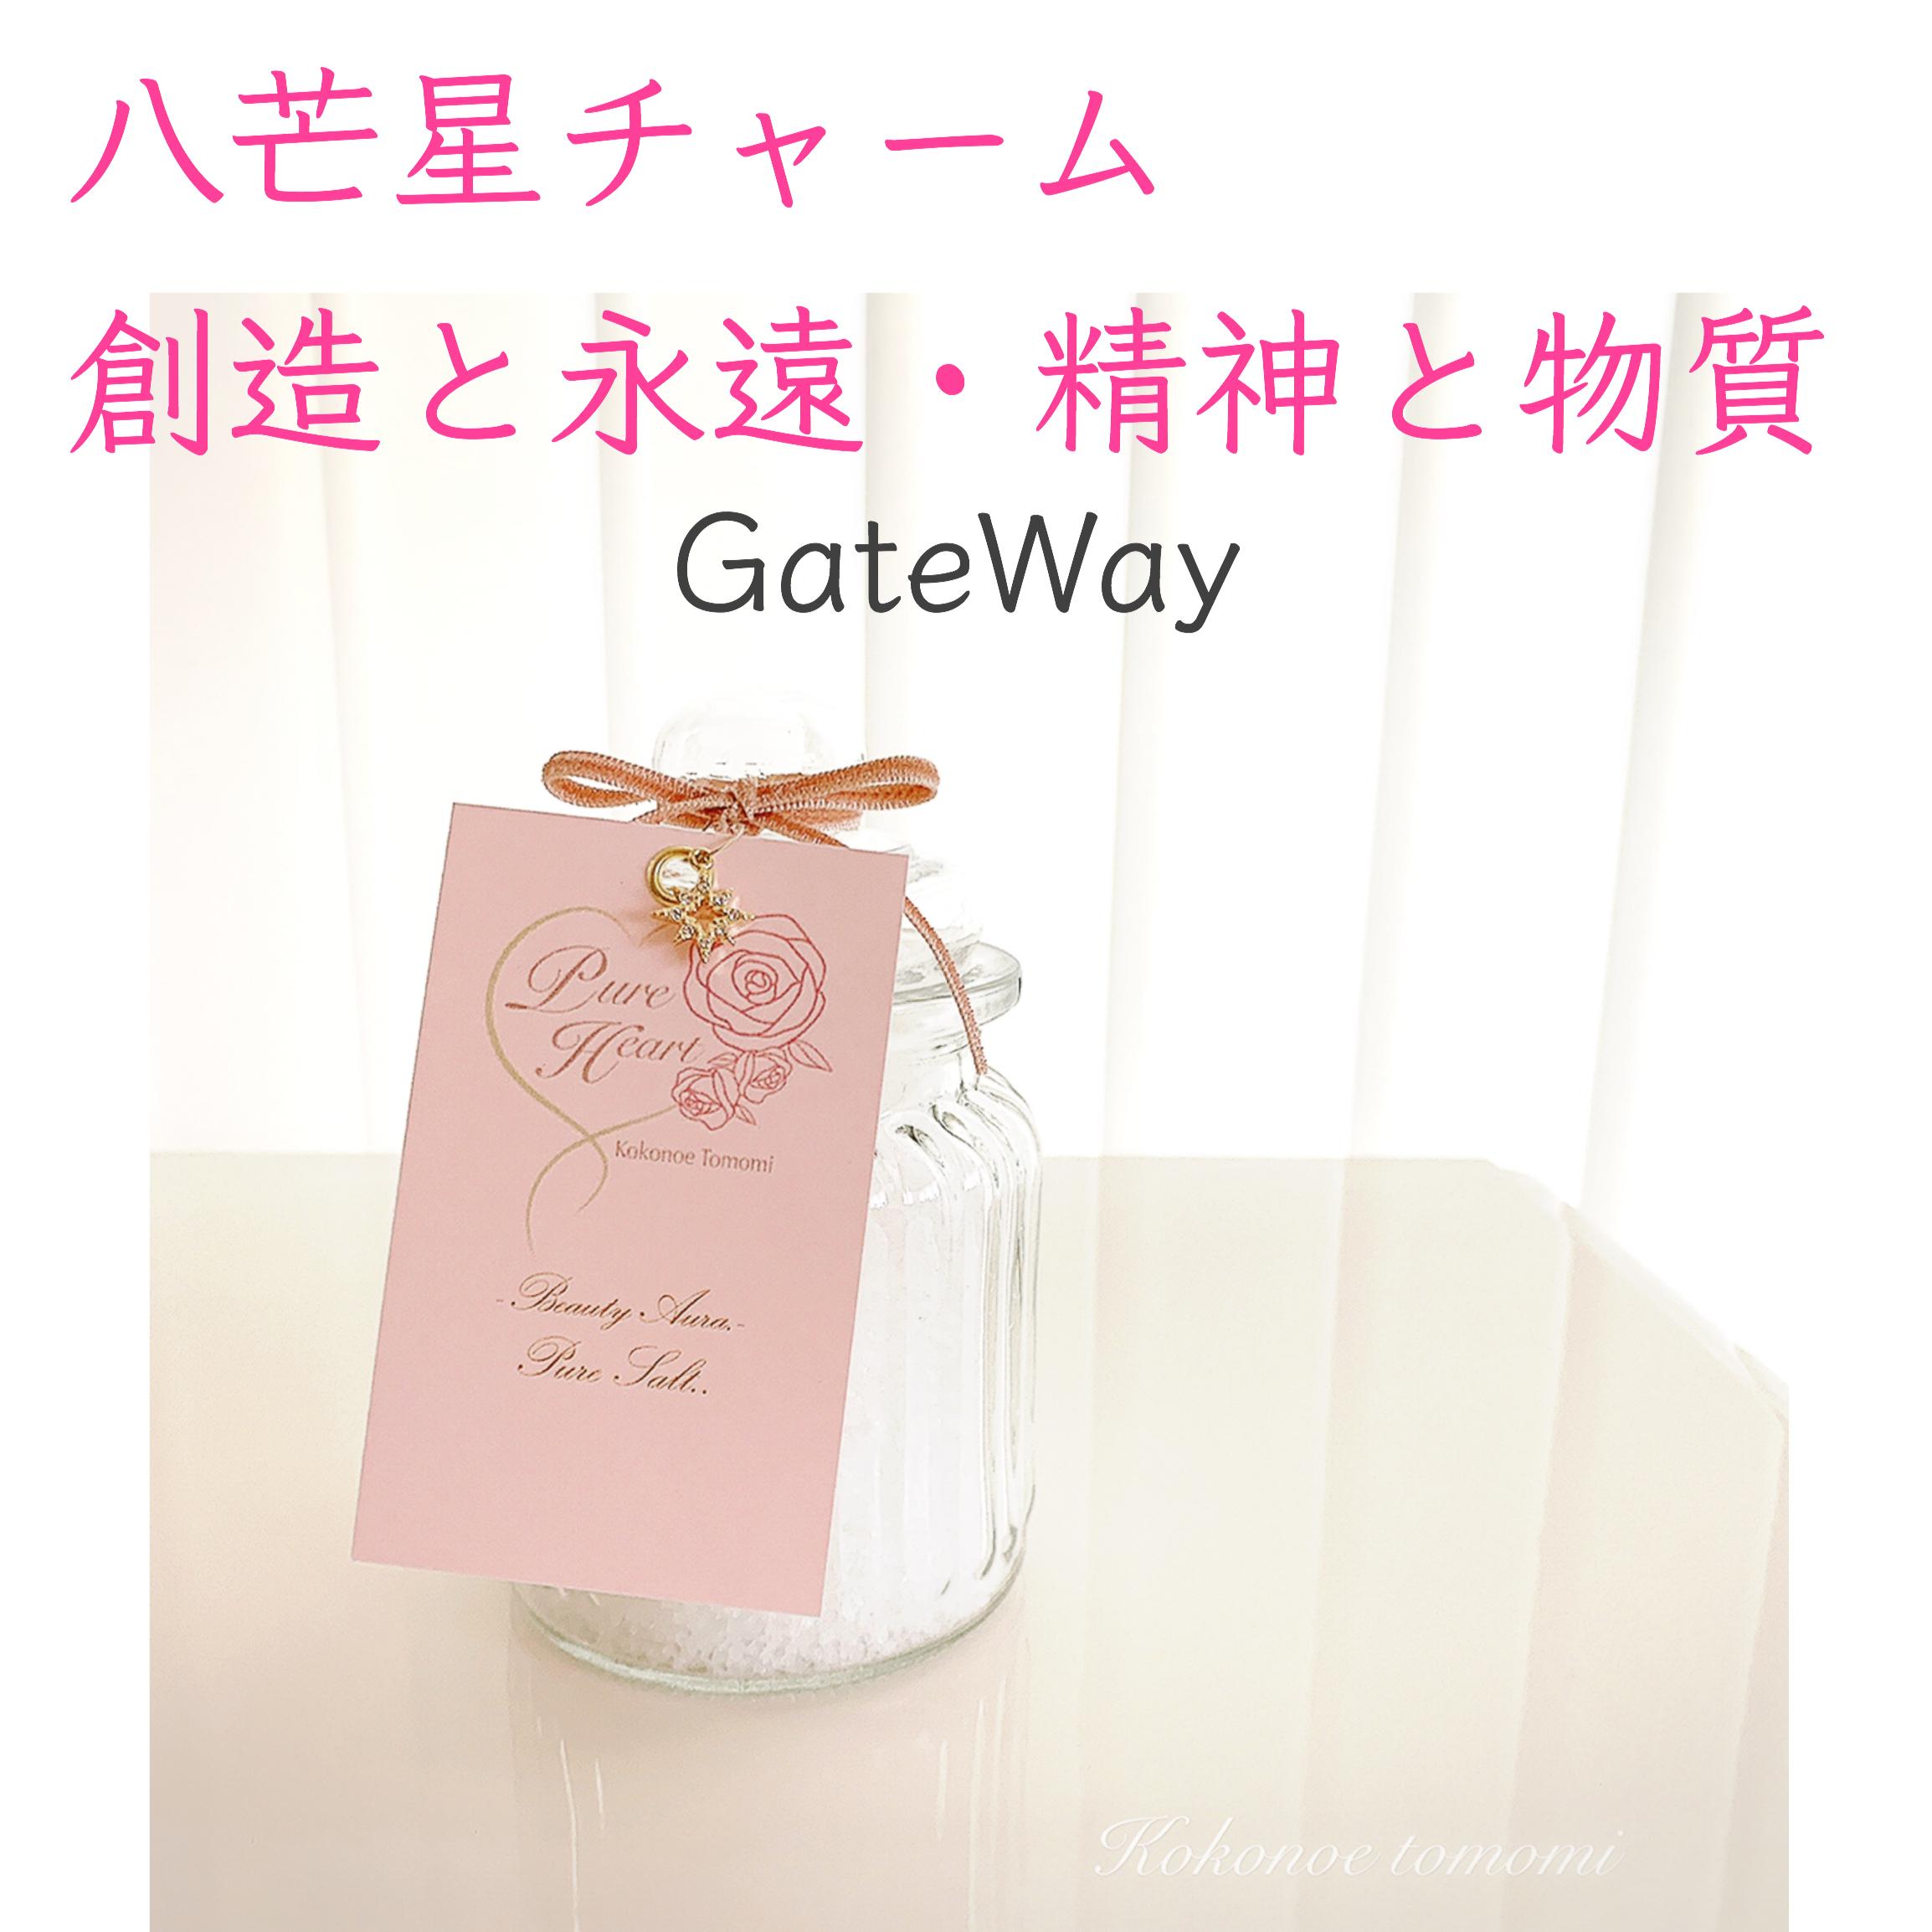 「愛」も「お金」も「運」もすべて手に入れる!波動アップ♡日本の聖地で採れた「ピュアソルト」でインナービューティ♪